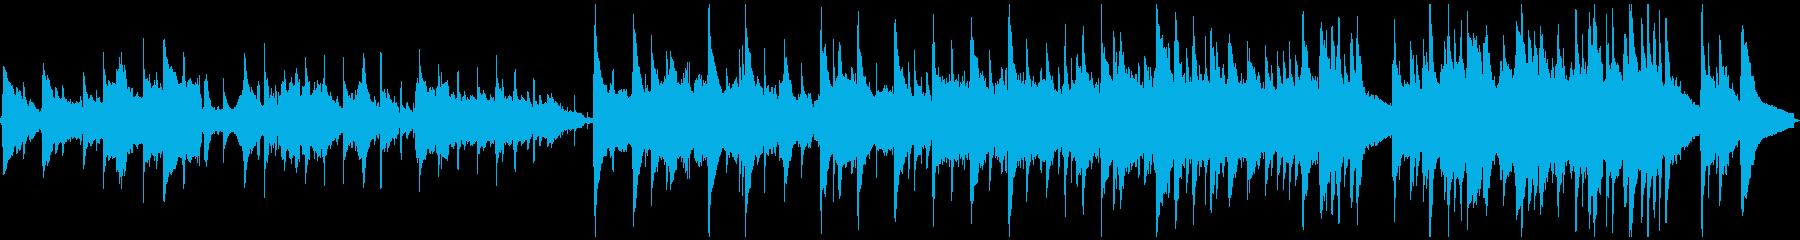 バラード 感情的 ピアノ 低音 ア...の再生済みの波形